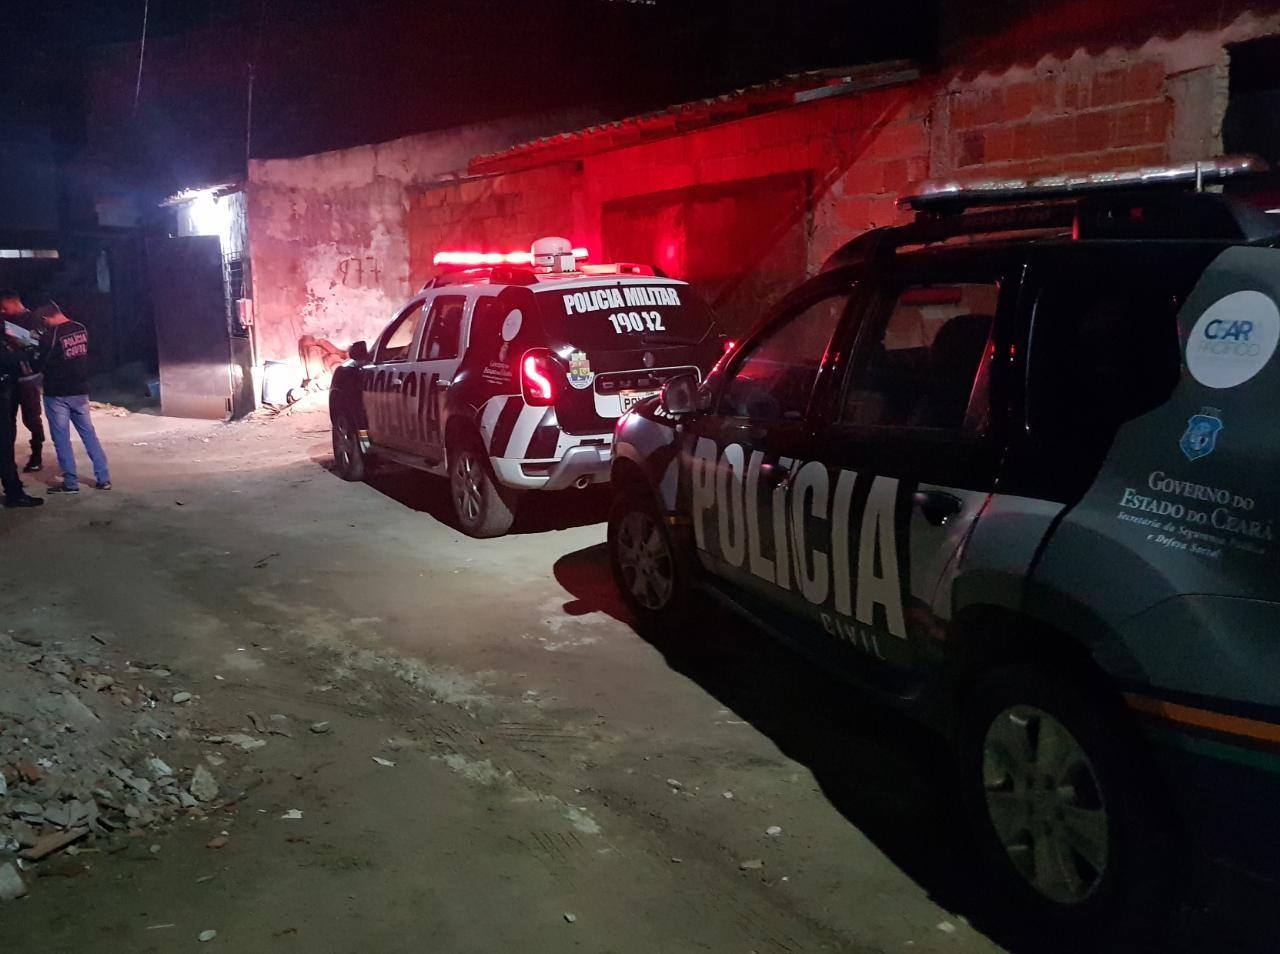 Corpo de homem com marcas de tiros é encontrado em rua de Fortaleza